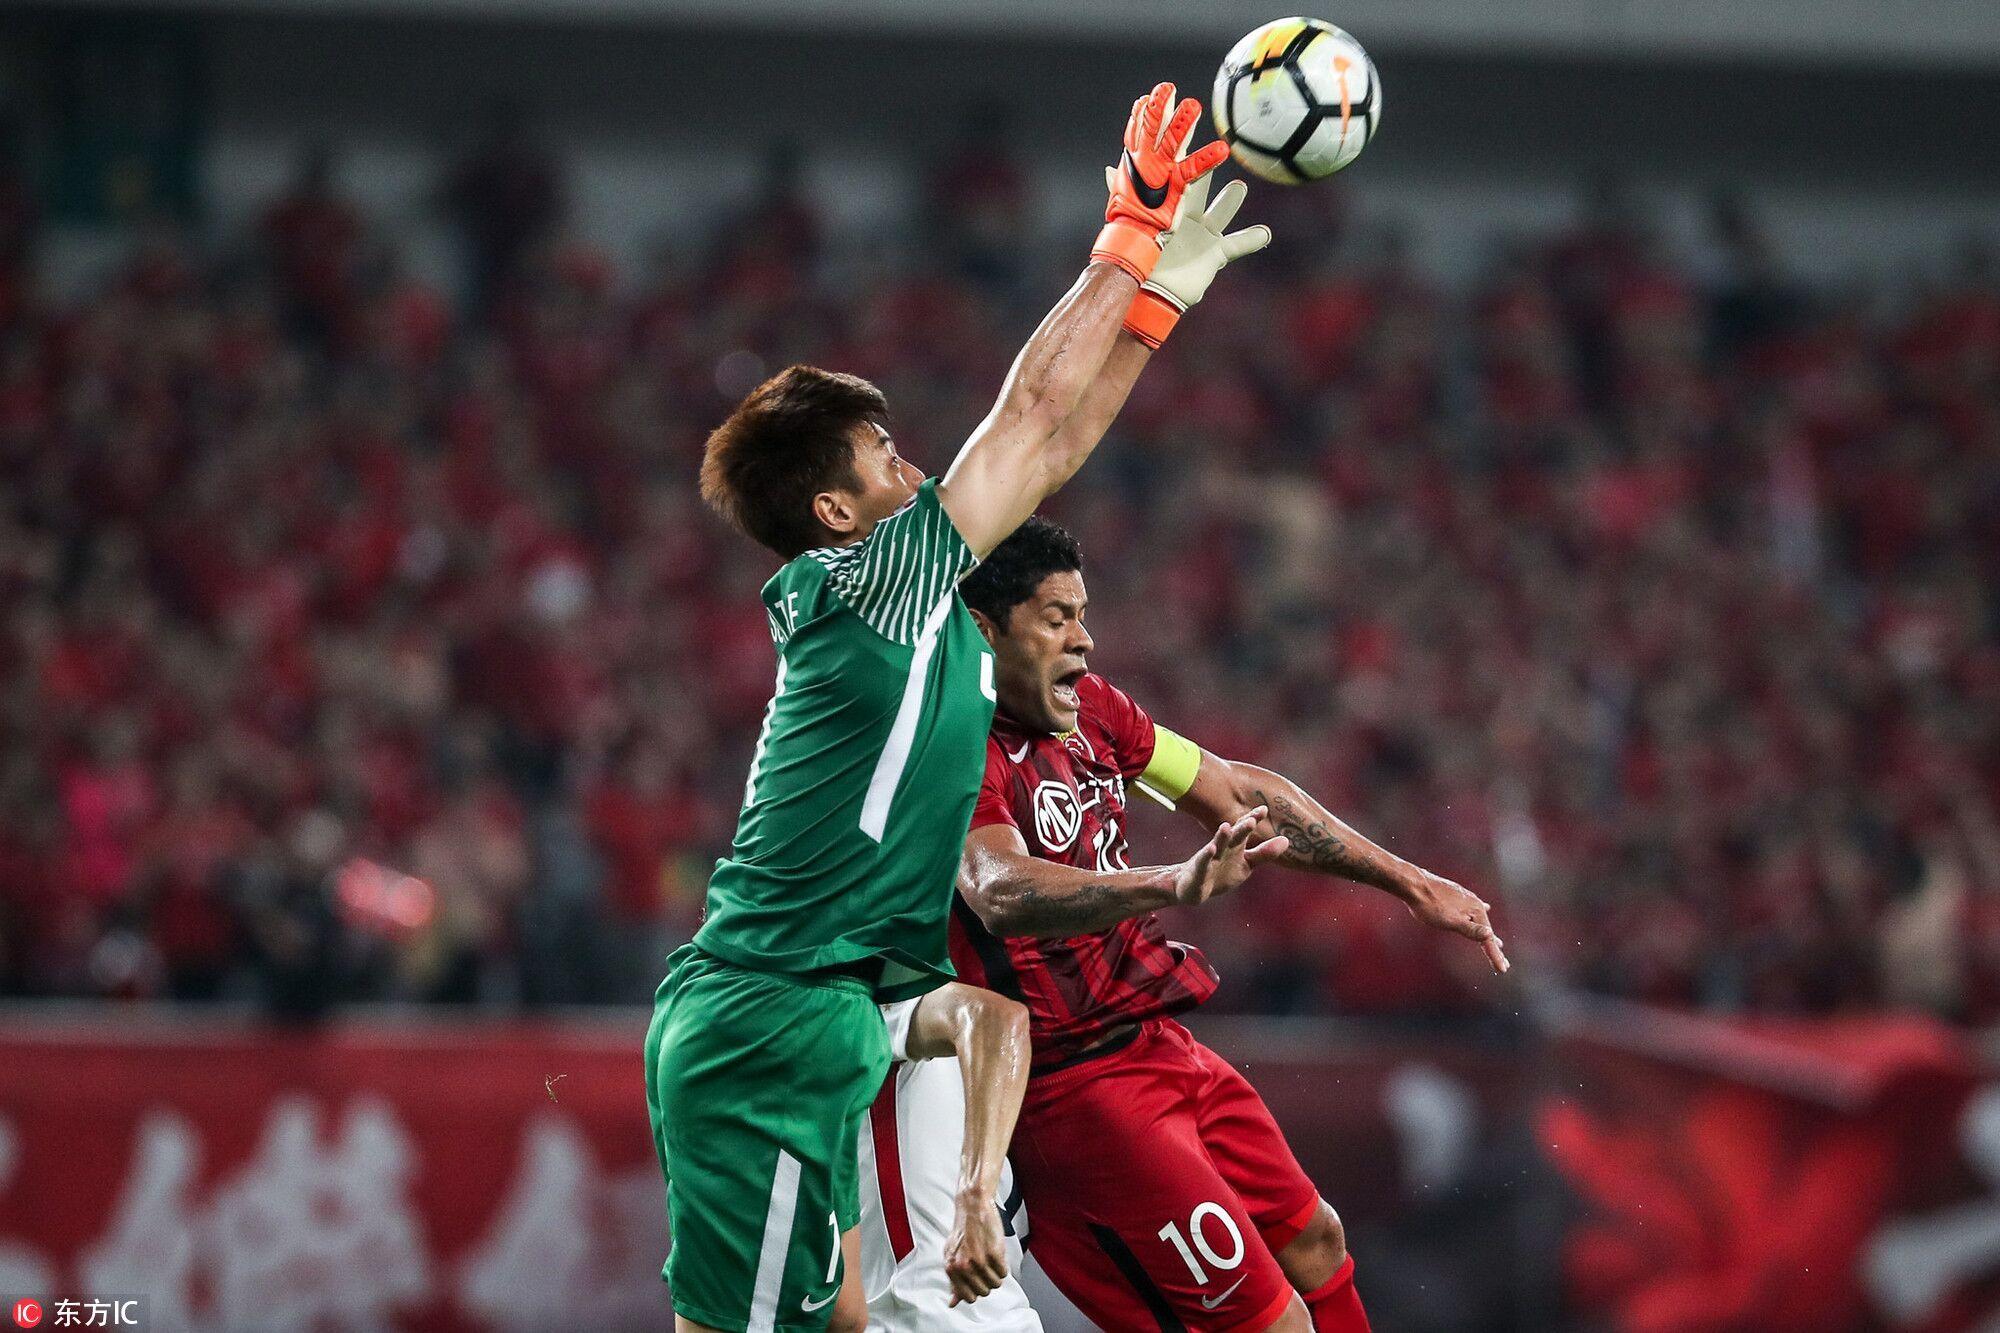 历史延续,中超球队亚冠淘汰赛首回合2球劣势从未翻盘